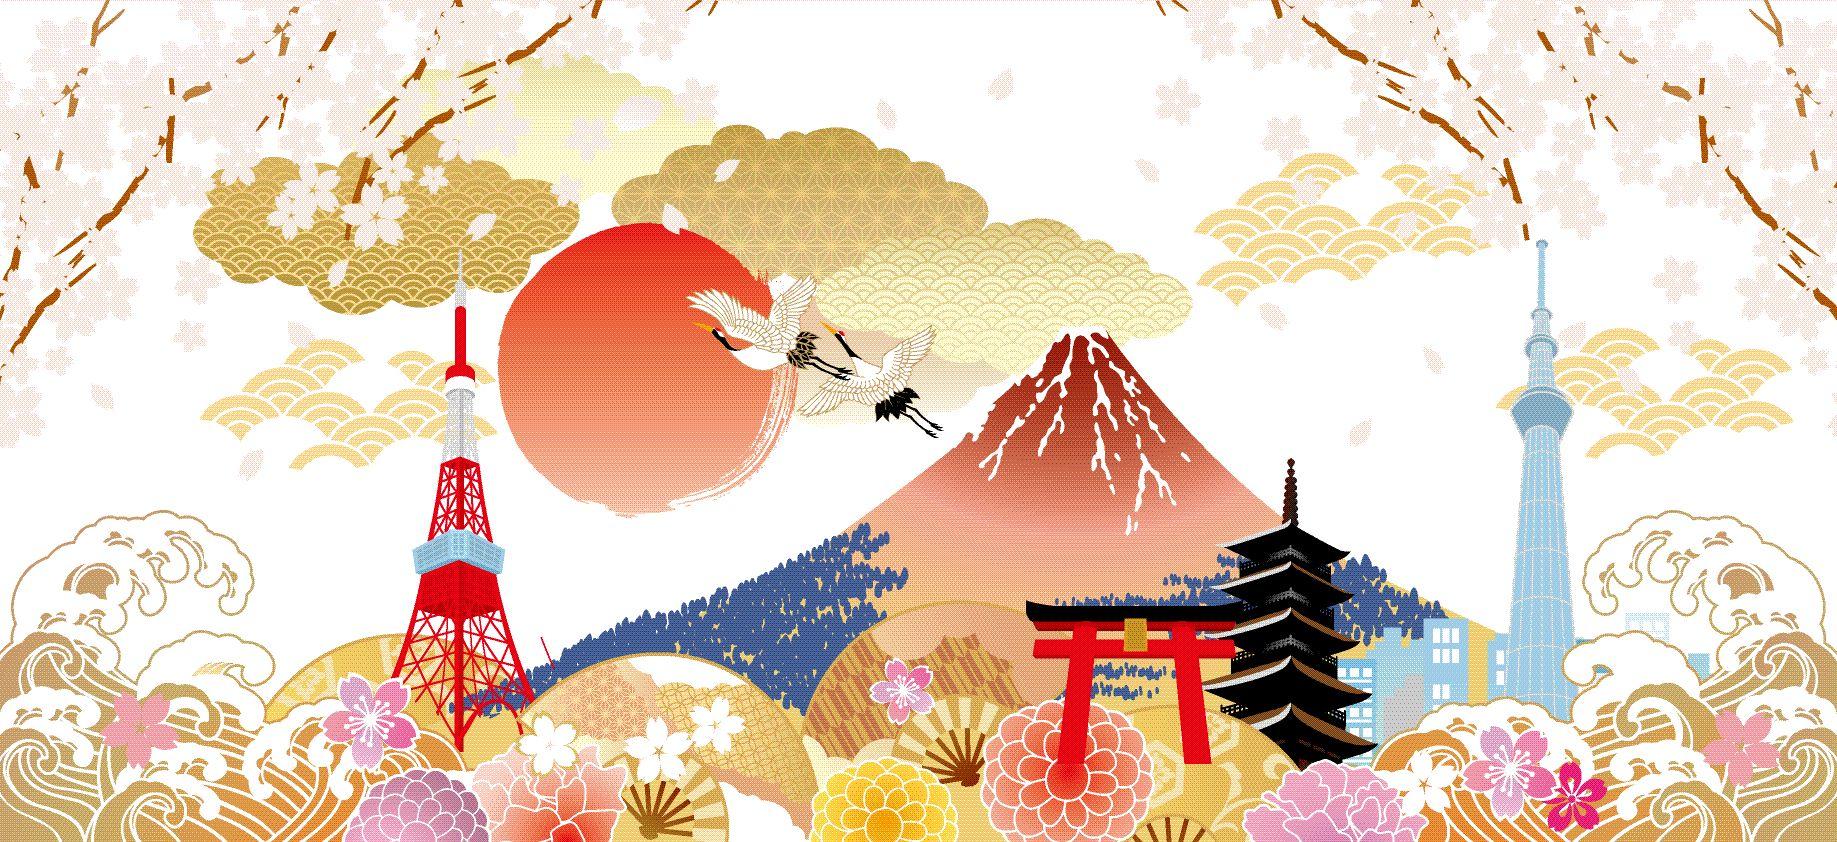 日本政府観光局(JNTO)に聞くインバウンド訪日外国人観光客向けSNSマーケティング